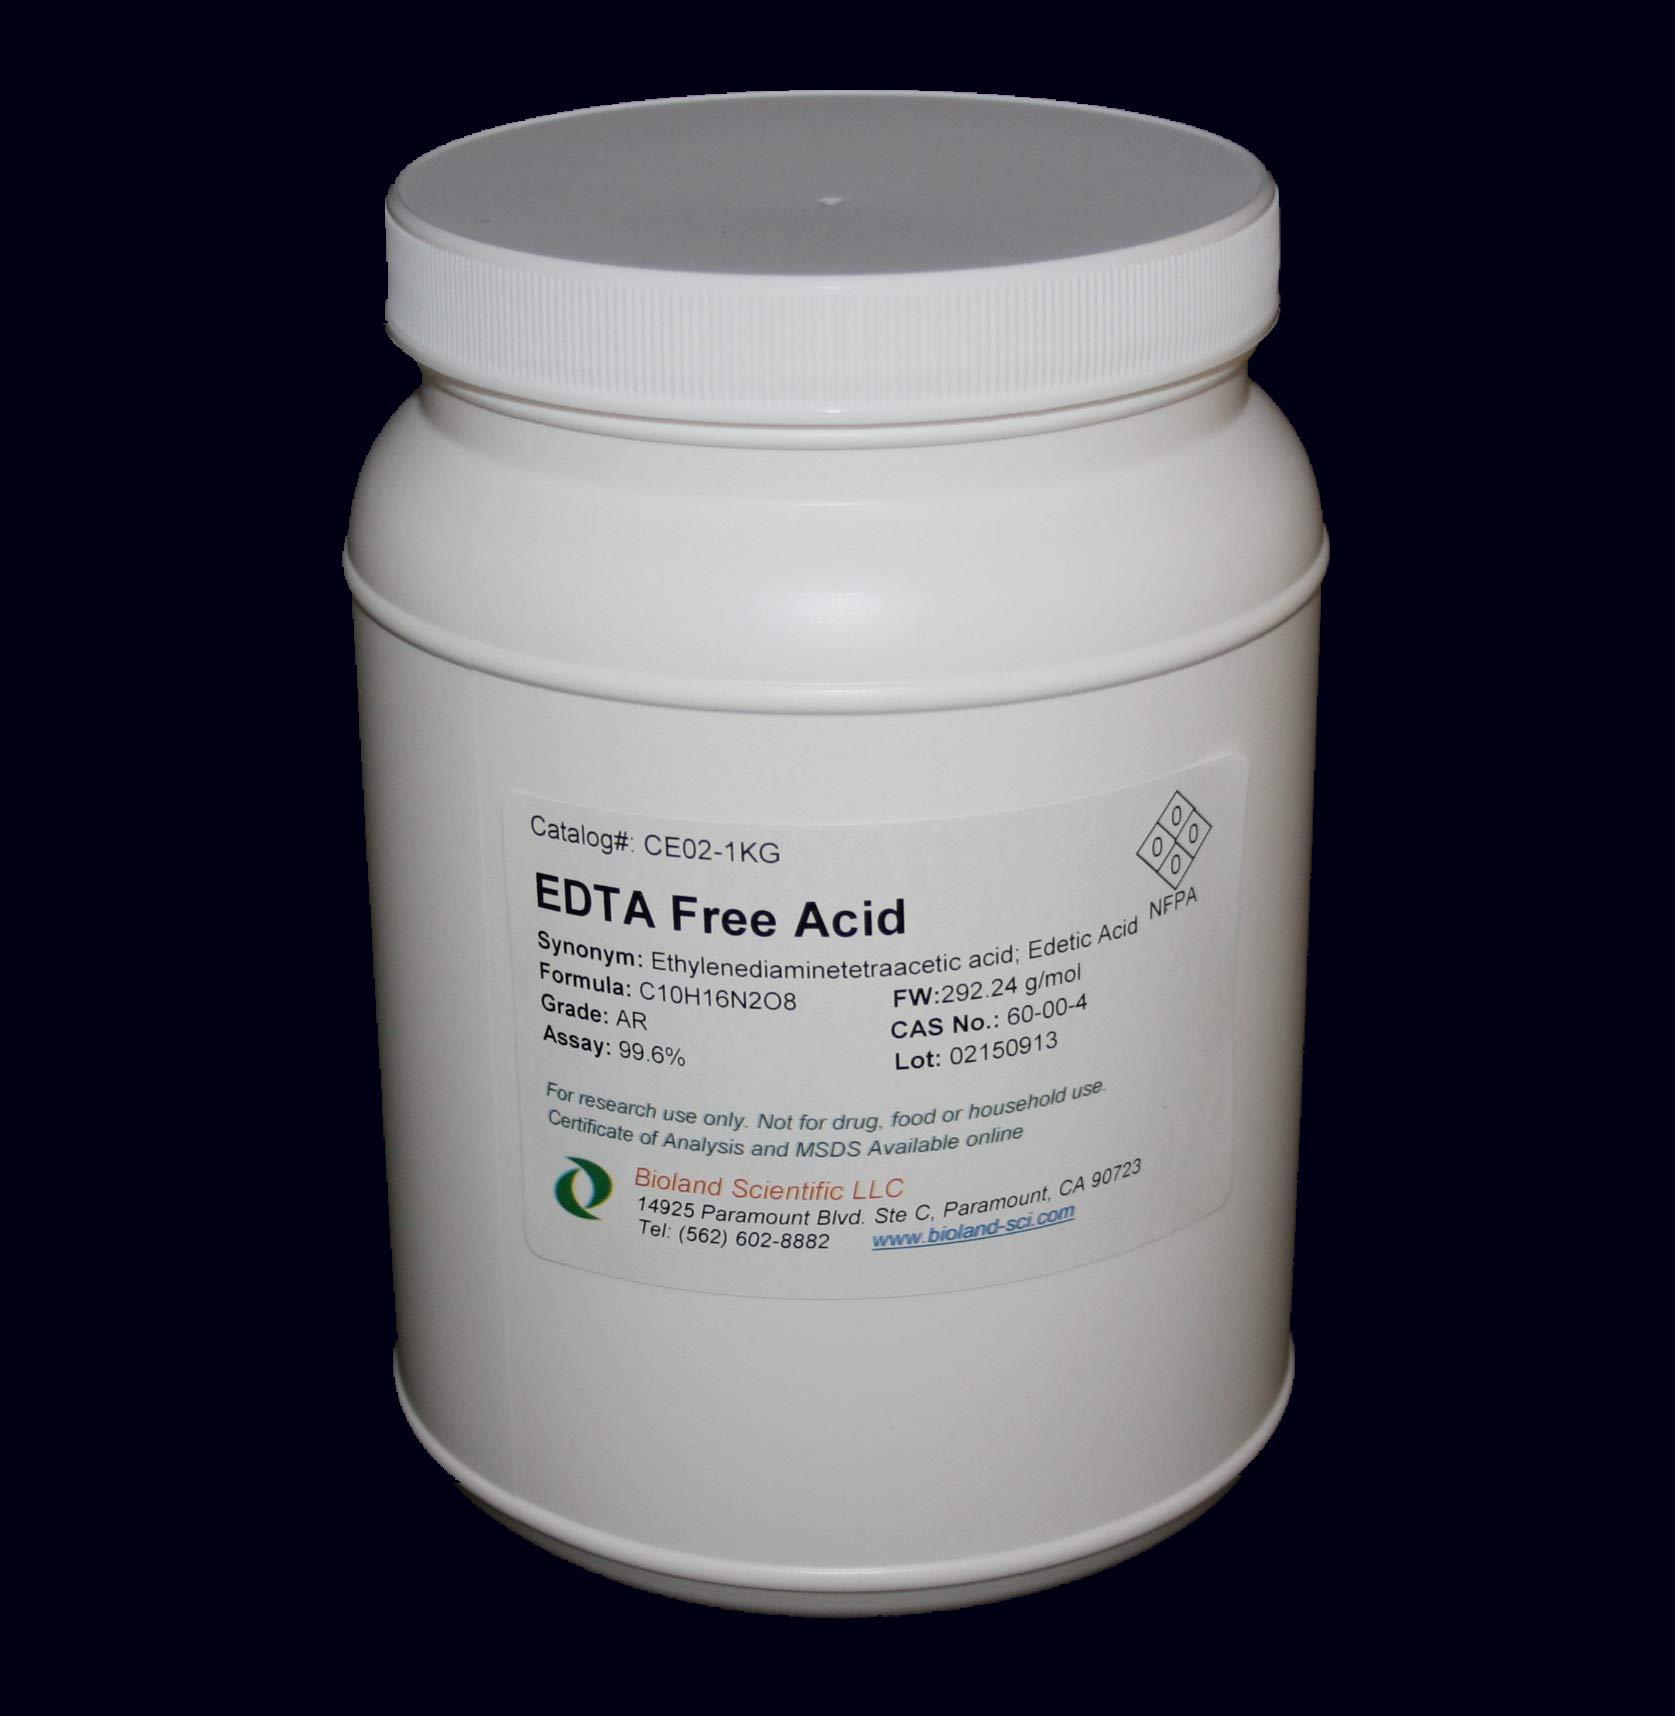 EDTA Free Acid (1kg)